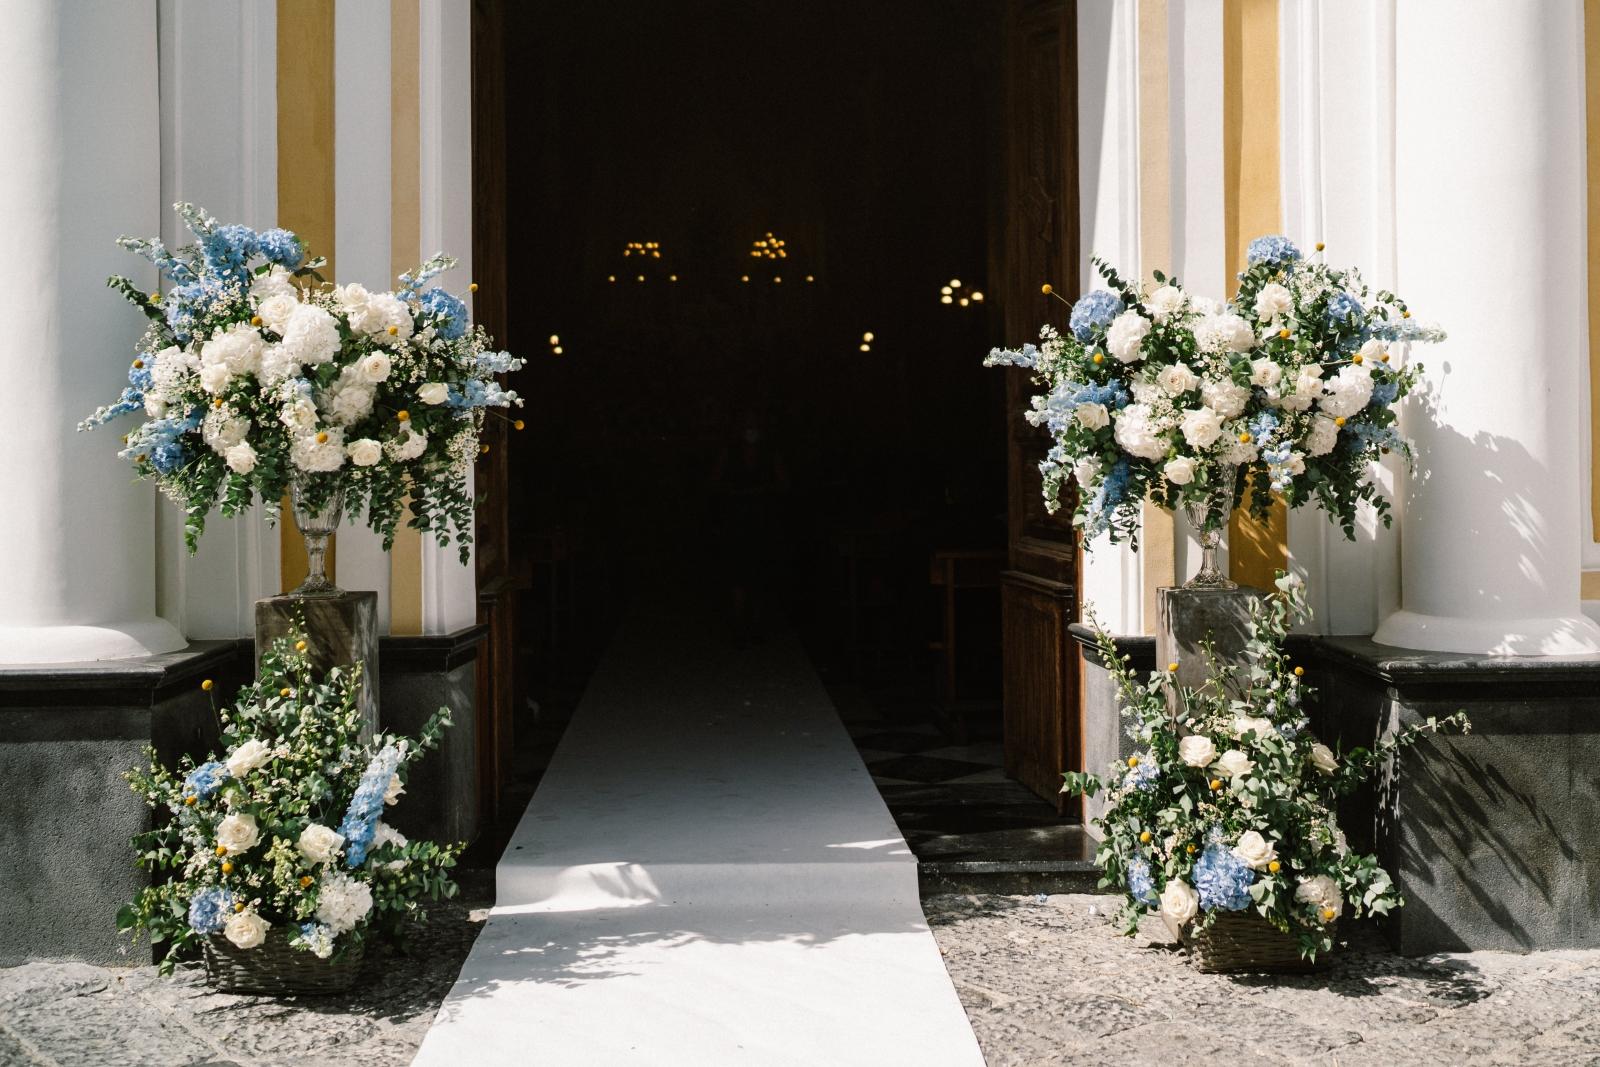 matrimonio_laconcasulmare_coloricostiera_vietrisulmare_blineventi-12